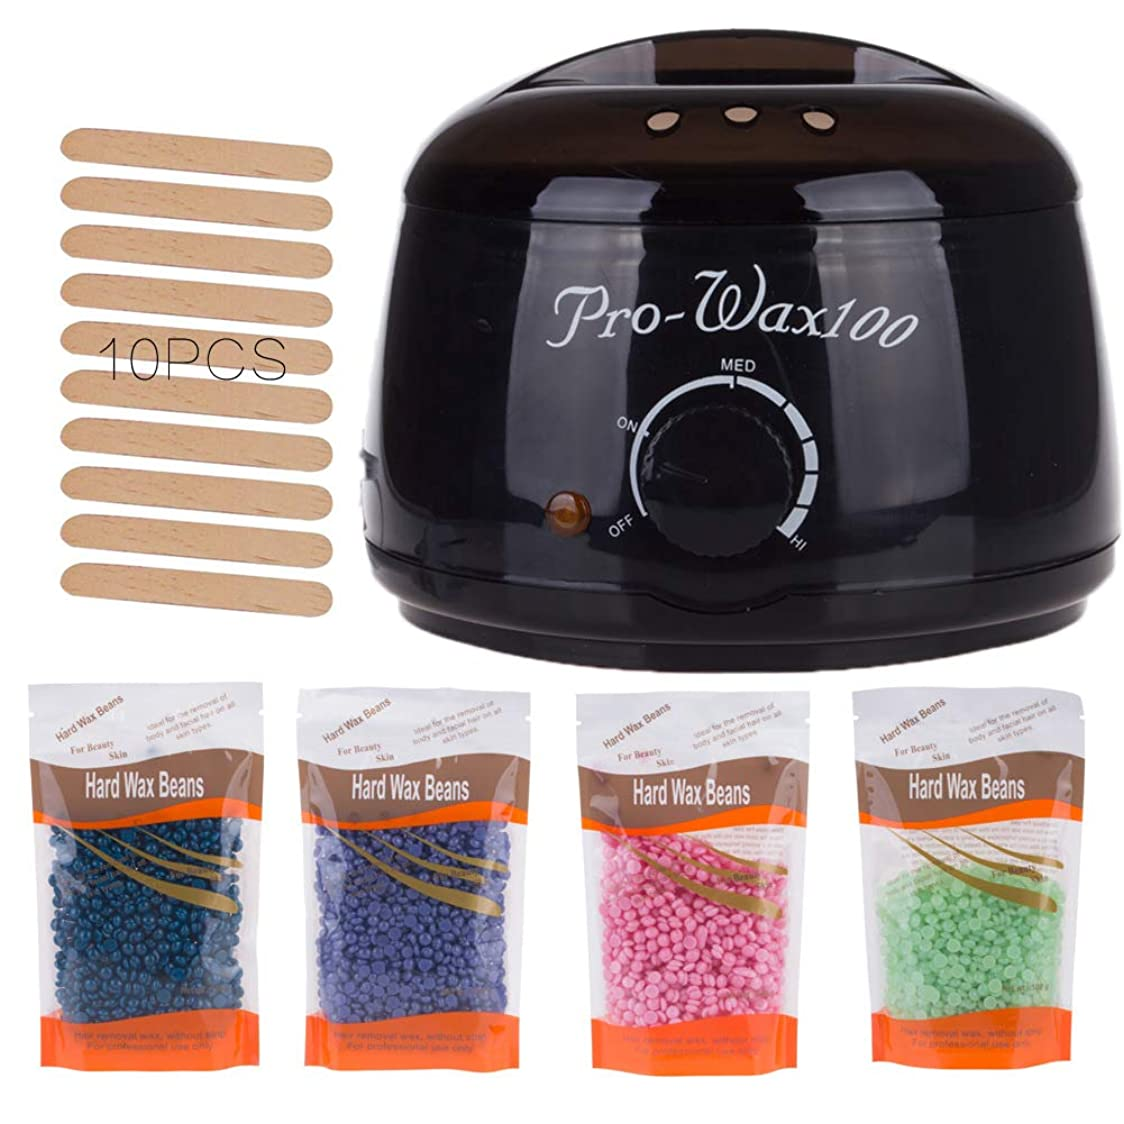 スペイン語セール日焼けLzxメルトワックス暖かい脱毛家庭用ワックスキット電気炊飯器ヒーター速いワックスがけ本体、顔、ビキニエリア、足に4種類のハードワックスと10種類のワックスアプリケータースクレーパーがあります,Black